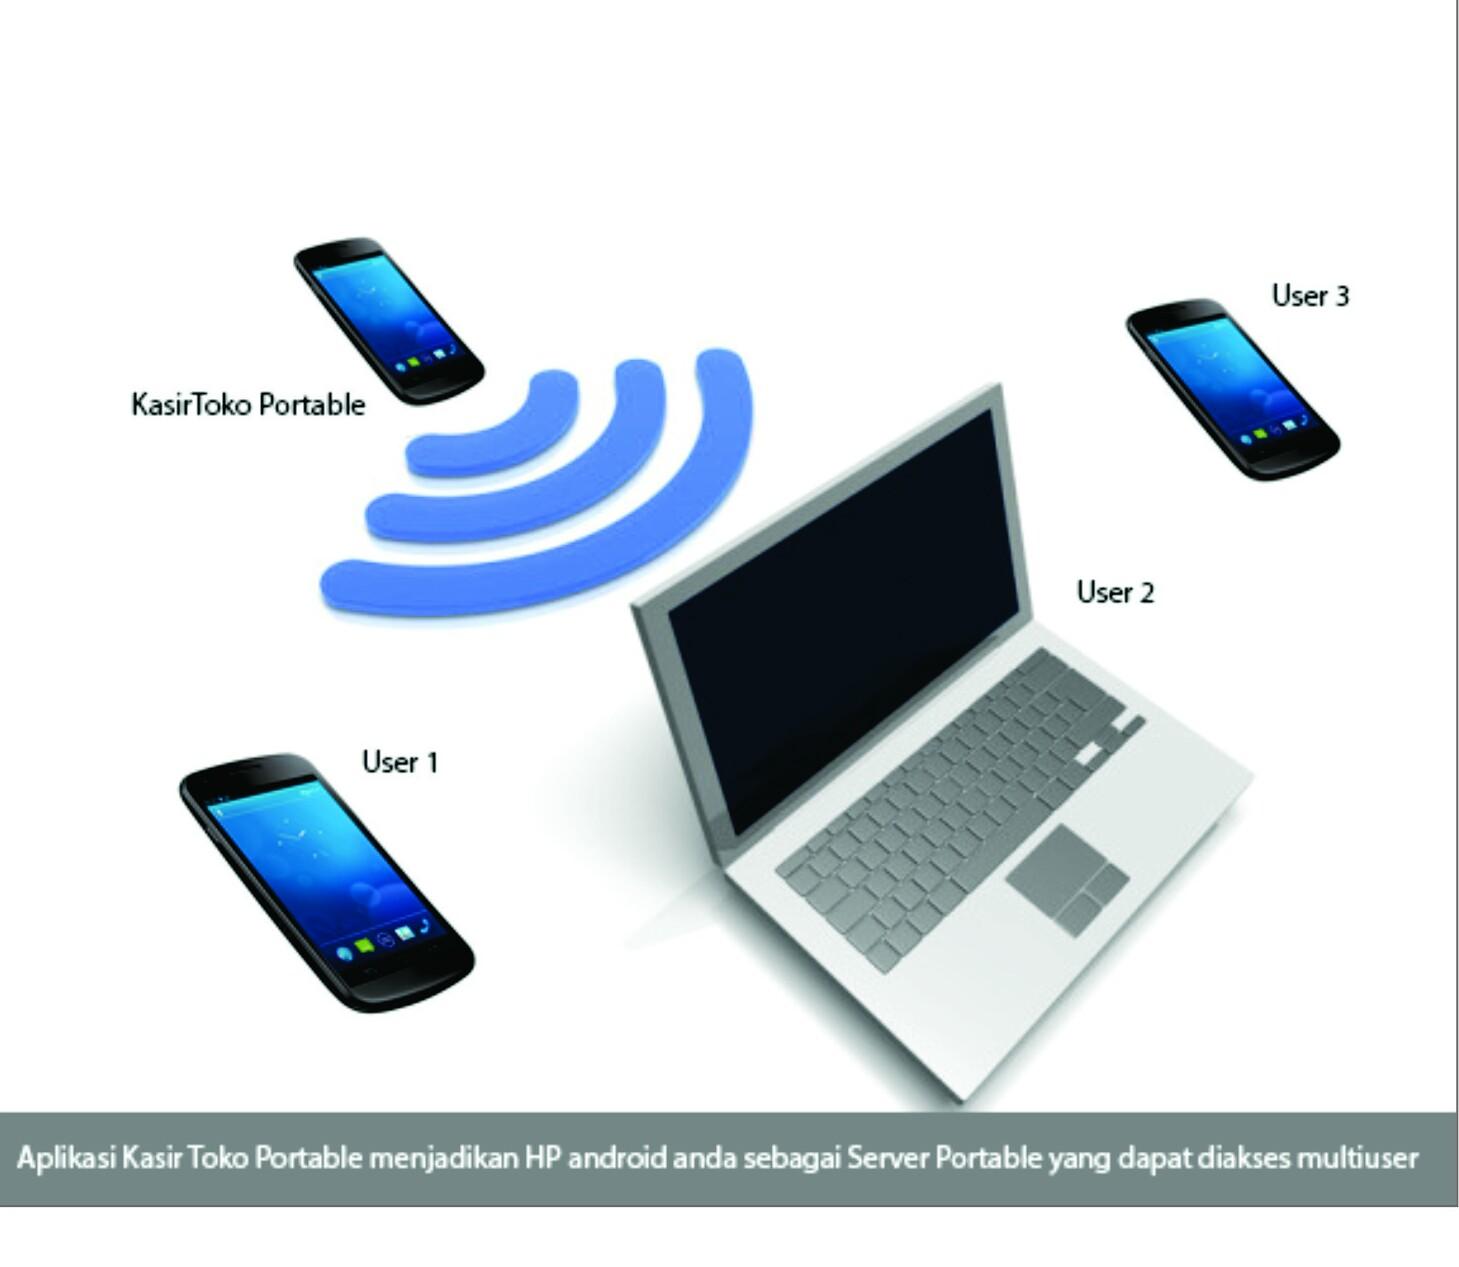 Anda Sebagai Server Yang Dapat Diakses Multiuser Baik Melalui Komputer Maupun Dari Perangkat Android Lainnya Wifi Tethering Huntuk Jaringan Saja